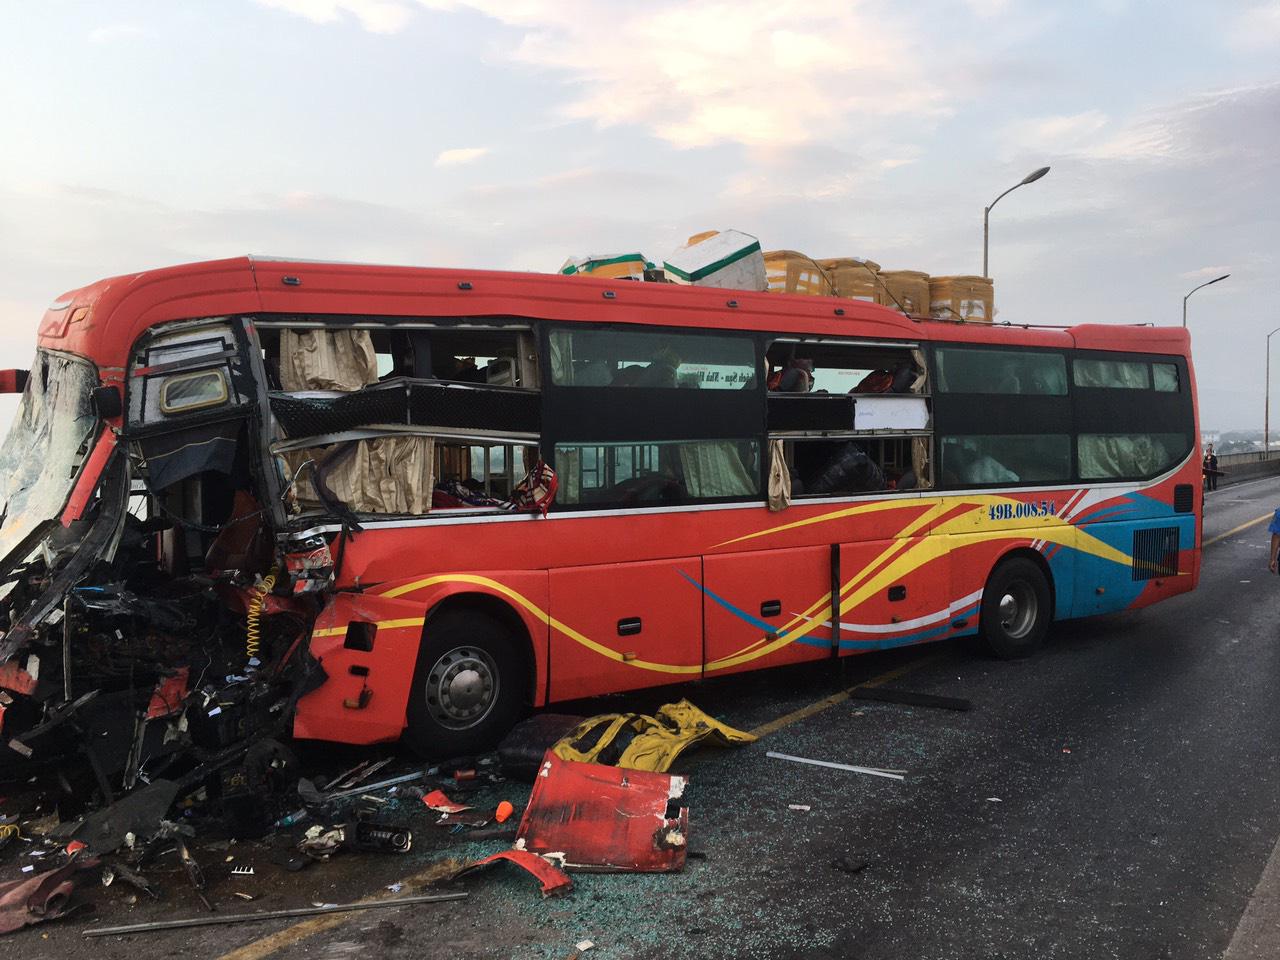 Xe khách đối đầu xe tải 1 người tử vong hàng chục người đập kính thoát nạn - Ảnh 2.